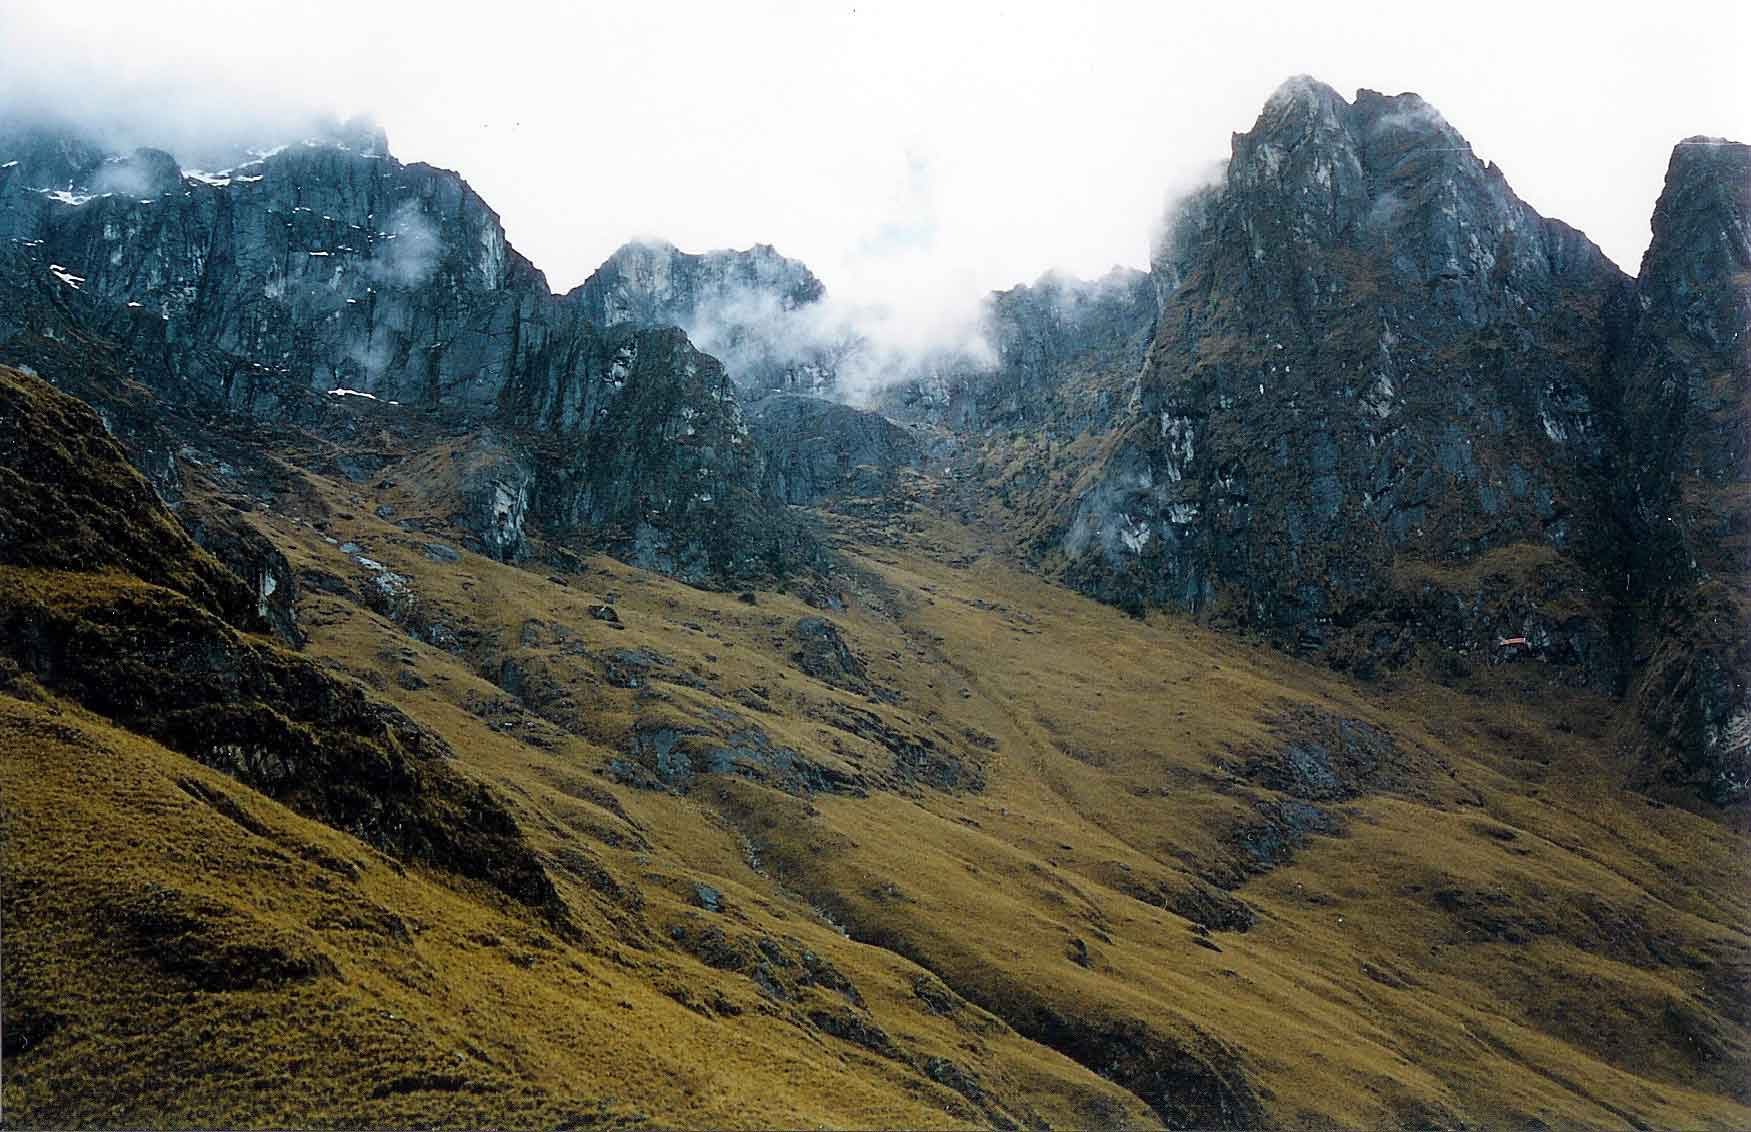 ... corrieri Inka che fino a qualche centinaio di anni fa percorrevano gli  stessi sentieri. Ora le stesse strade sono percorse per pochi spiccioli f4c7fd04f4f8